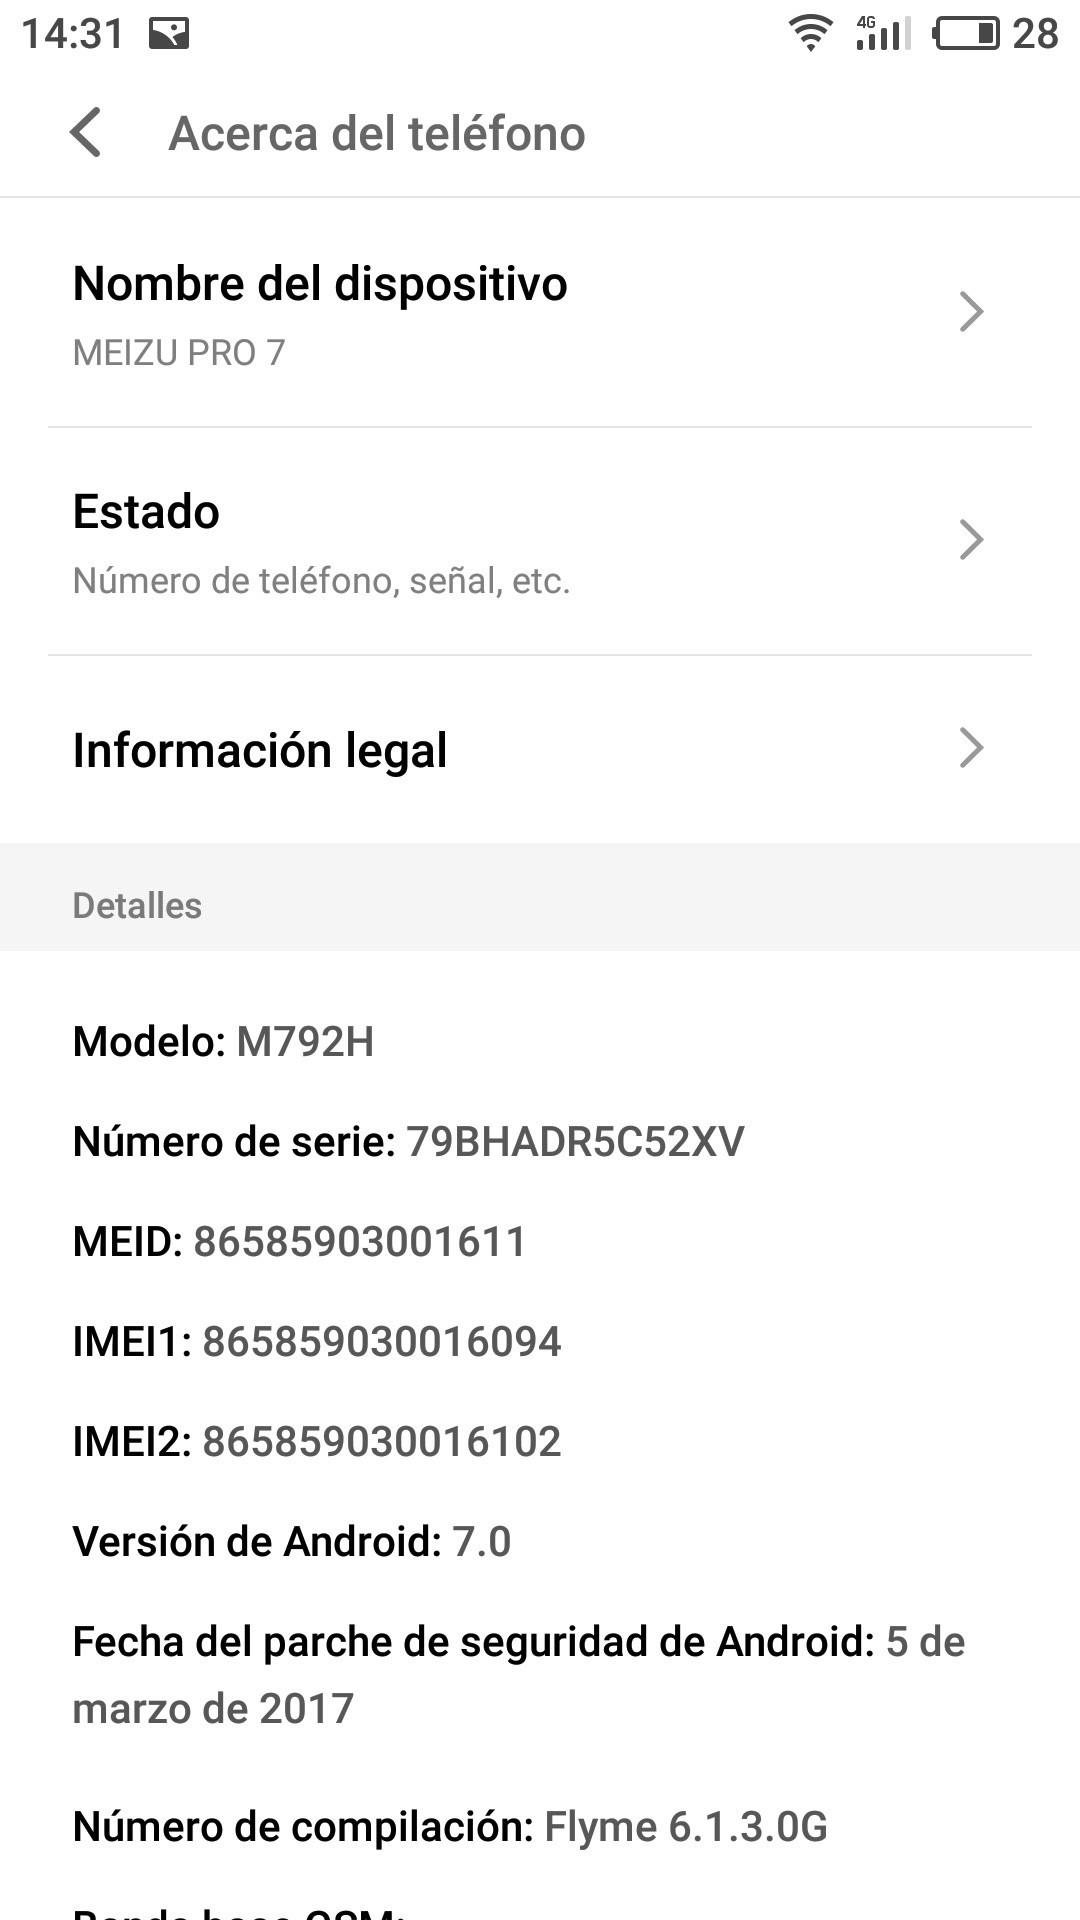 Meizu Pro 7 software